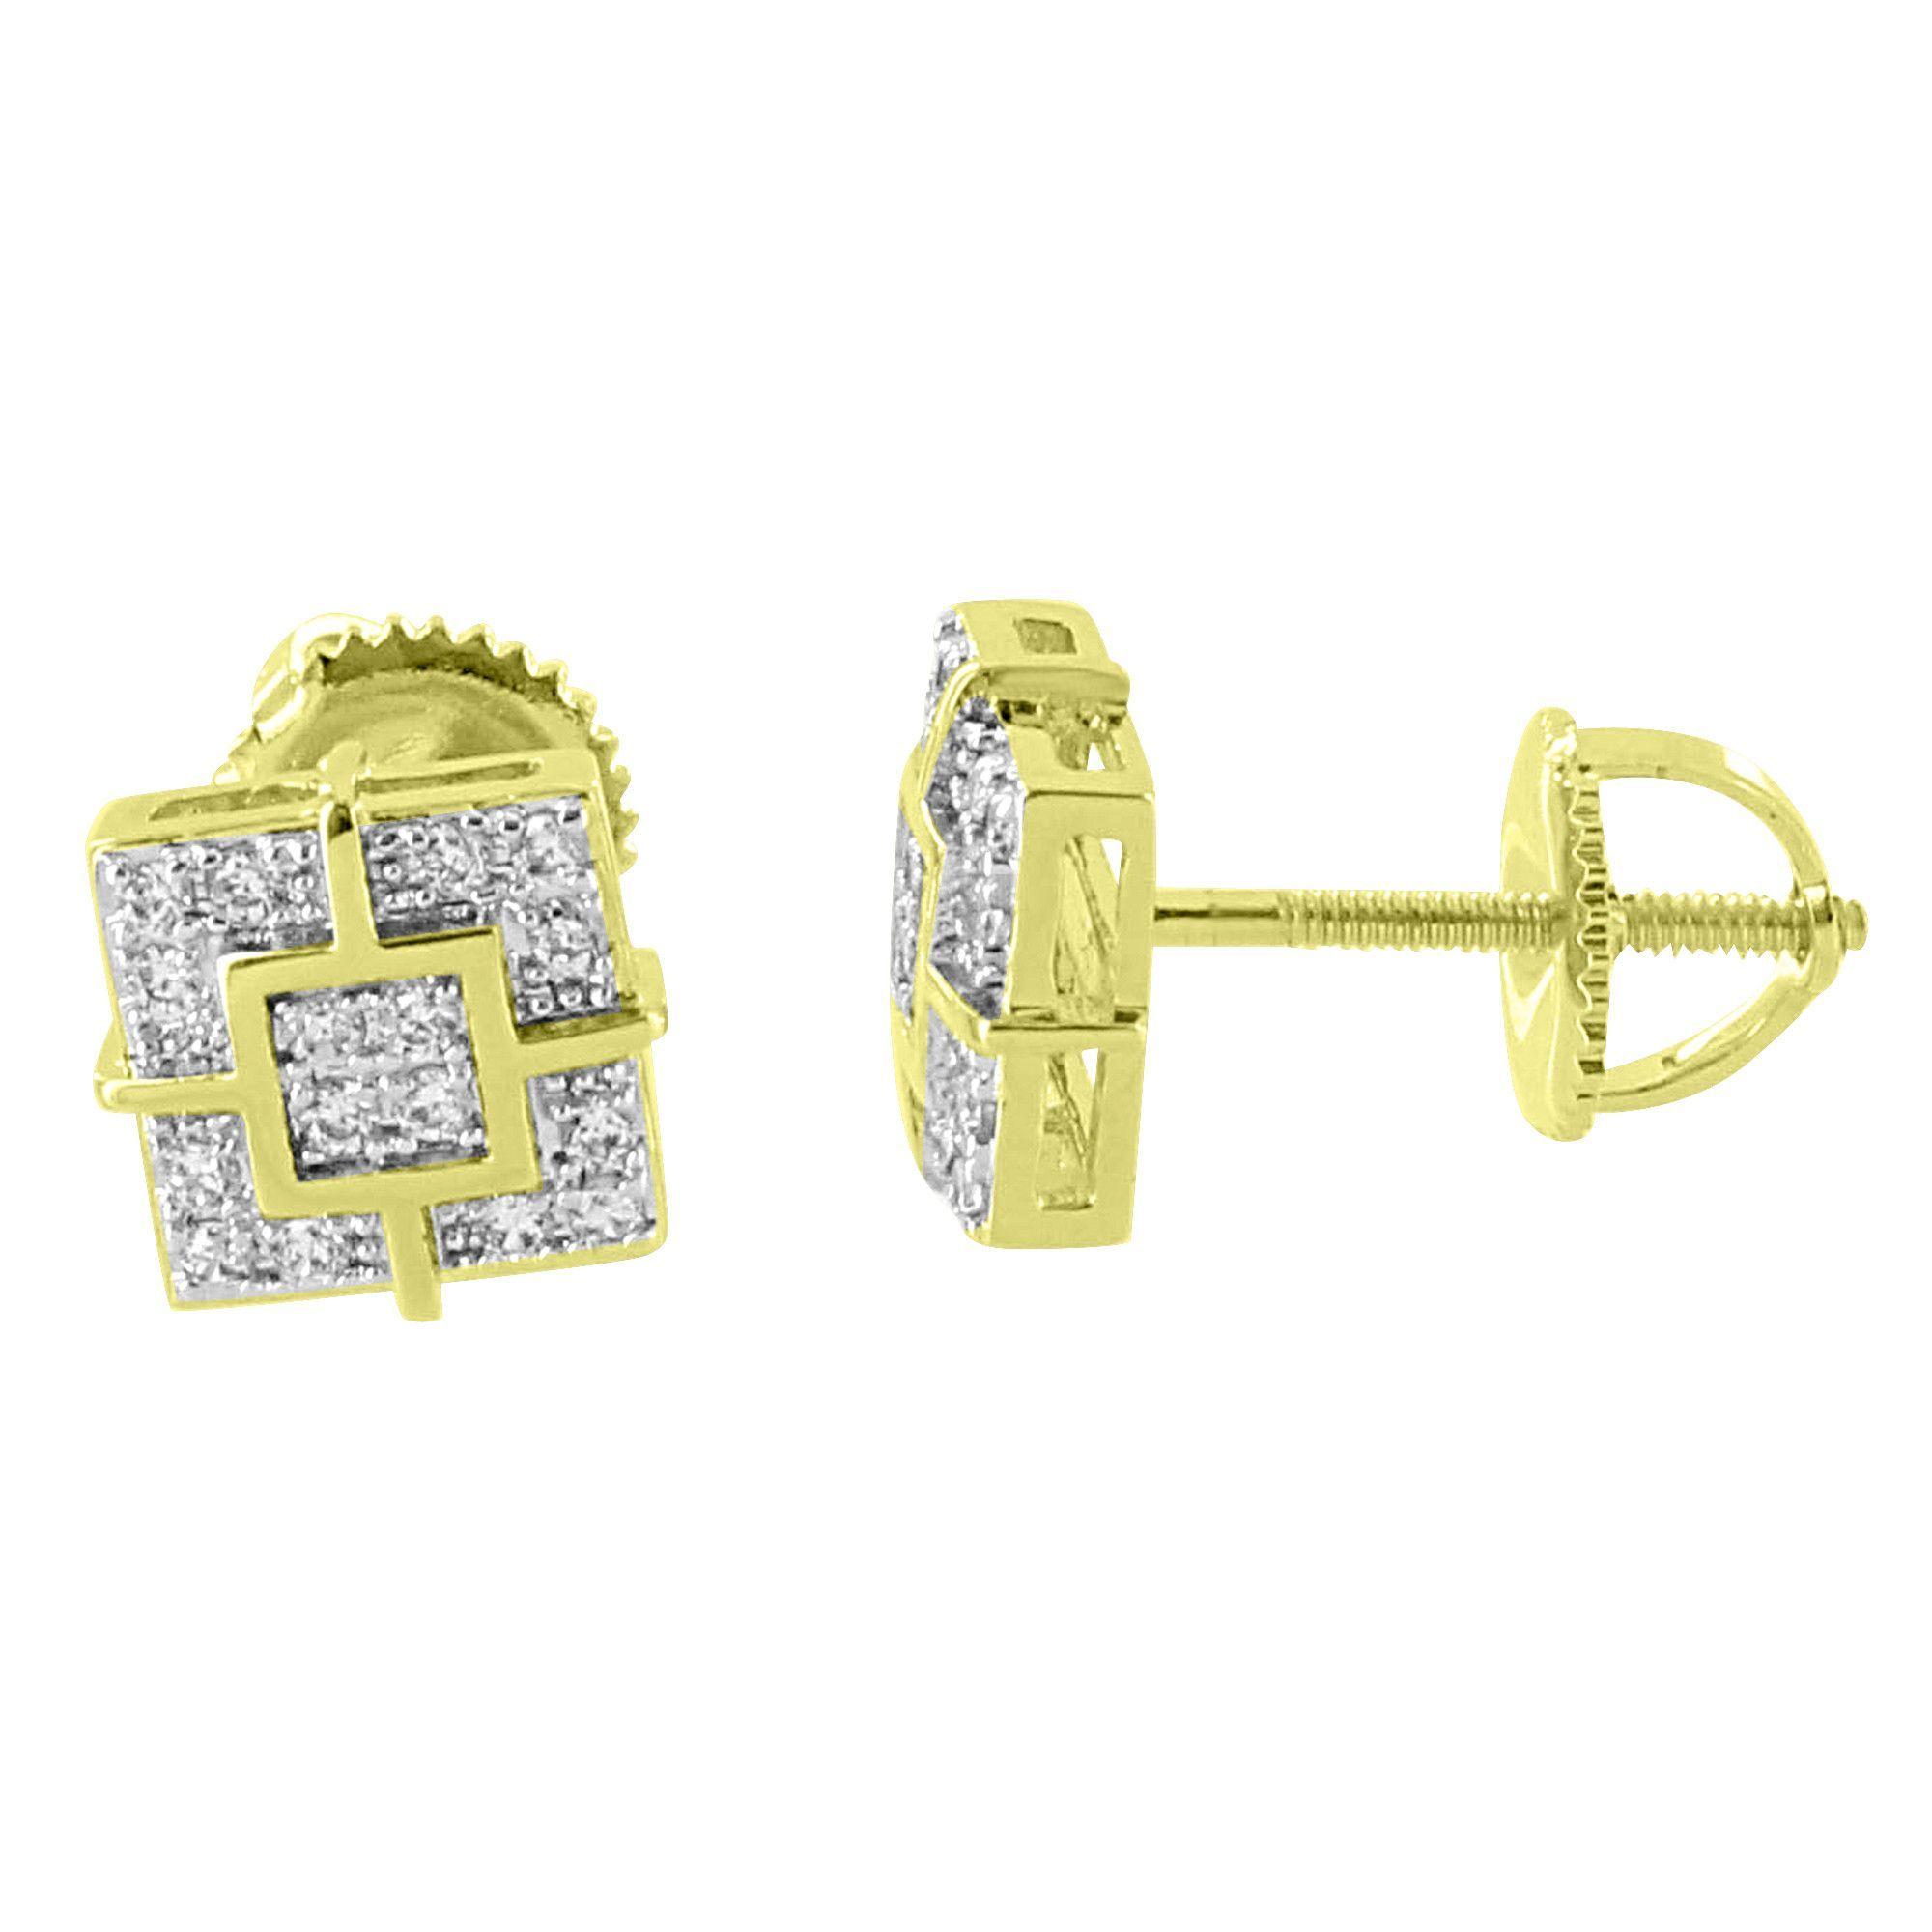 Square Shape Designer Earrings 14K Gold Finish Screw Back Studs